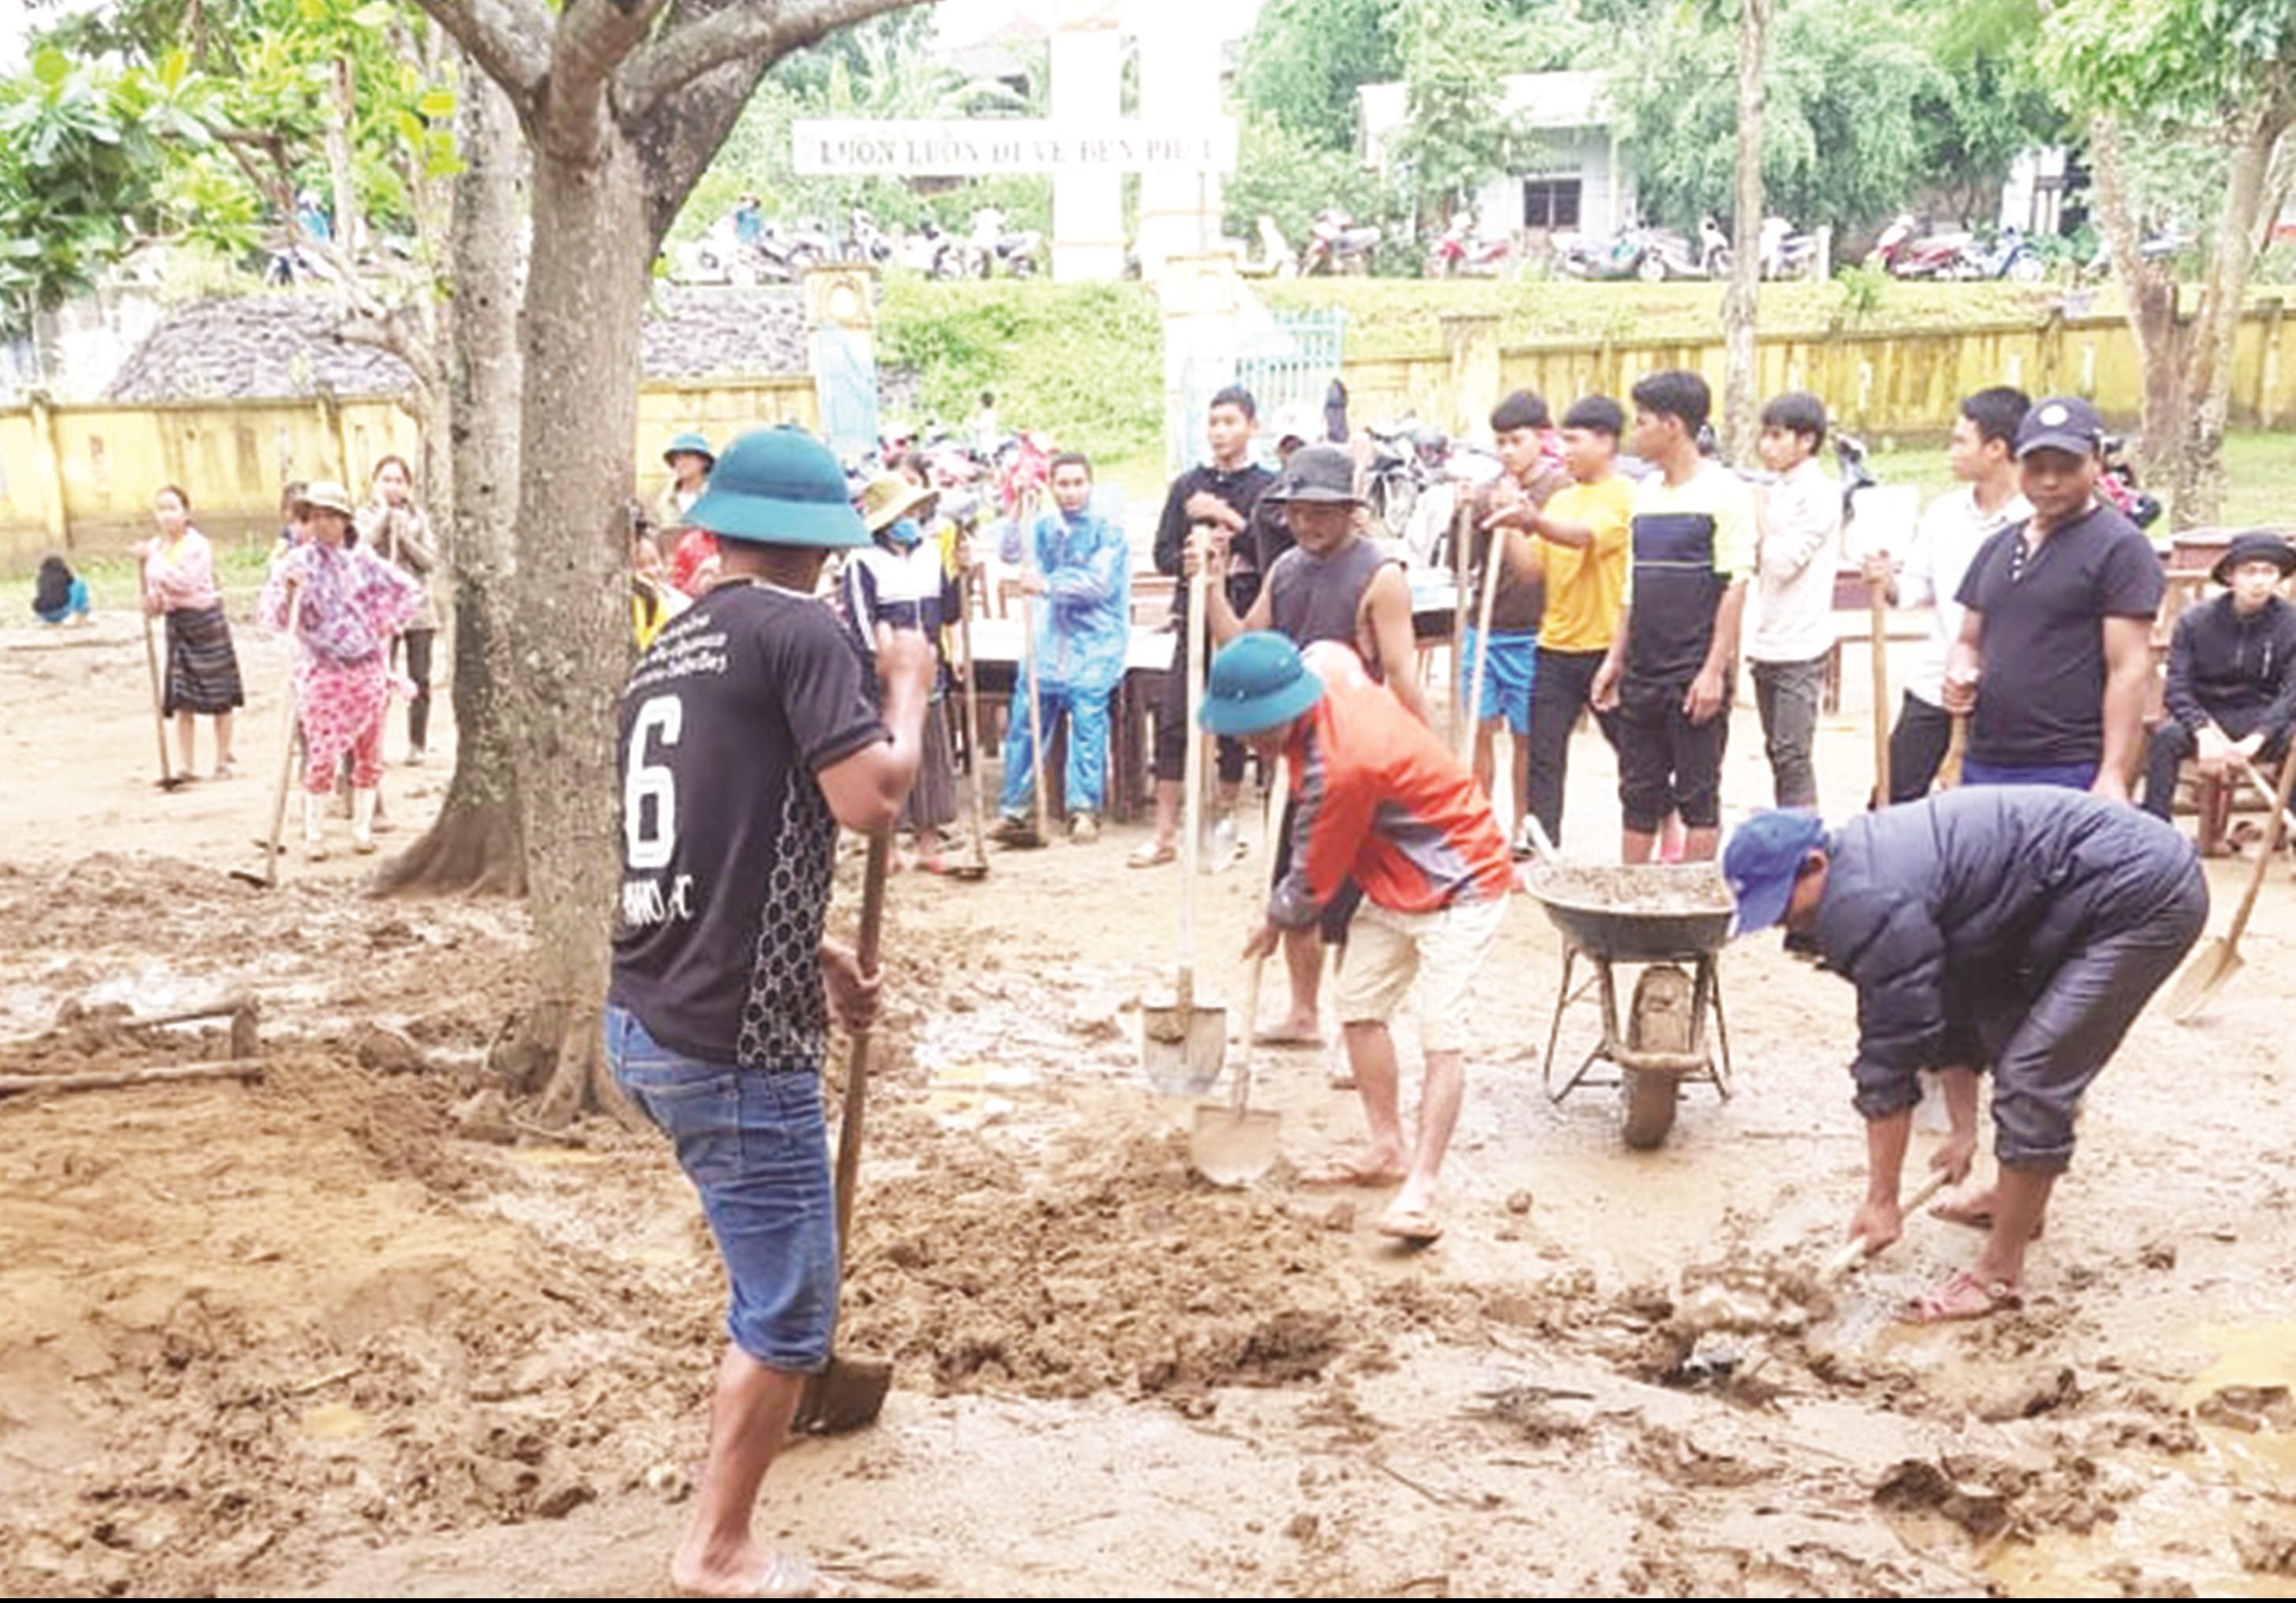 Điểm trường Pa Nho, Trường Tiểu học số 1 thị trấn Khe Sanh, huyện Hướng Hóa (Quảng Trị) ngổn ngang sau bão lũ